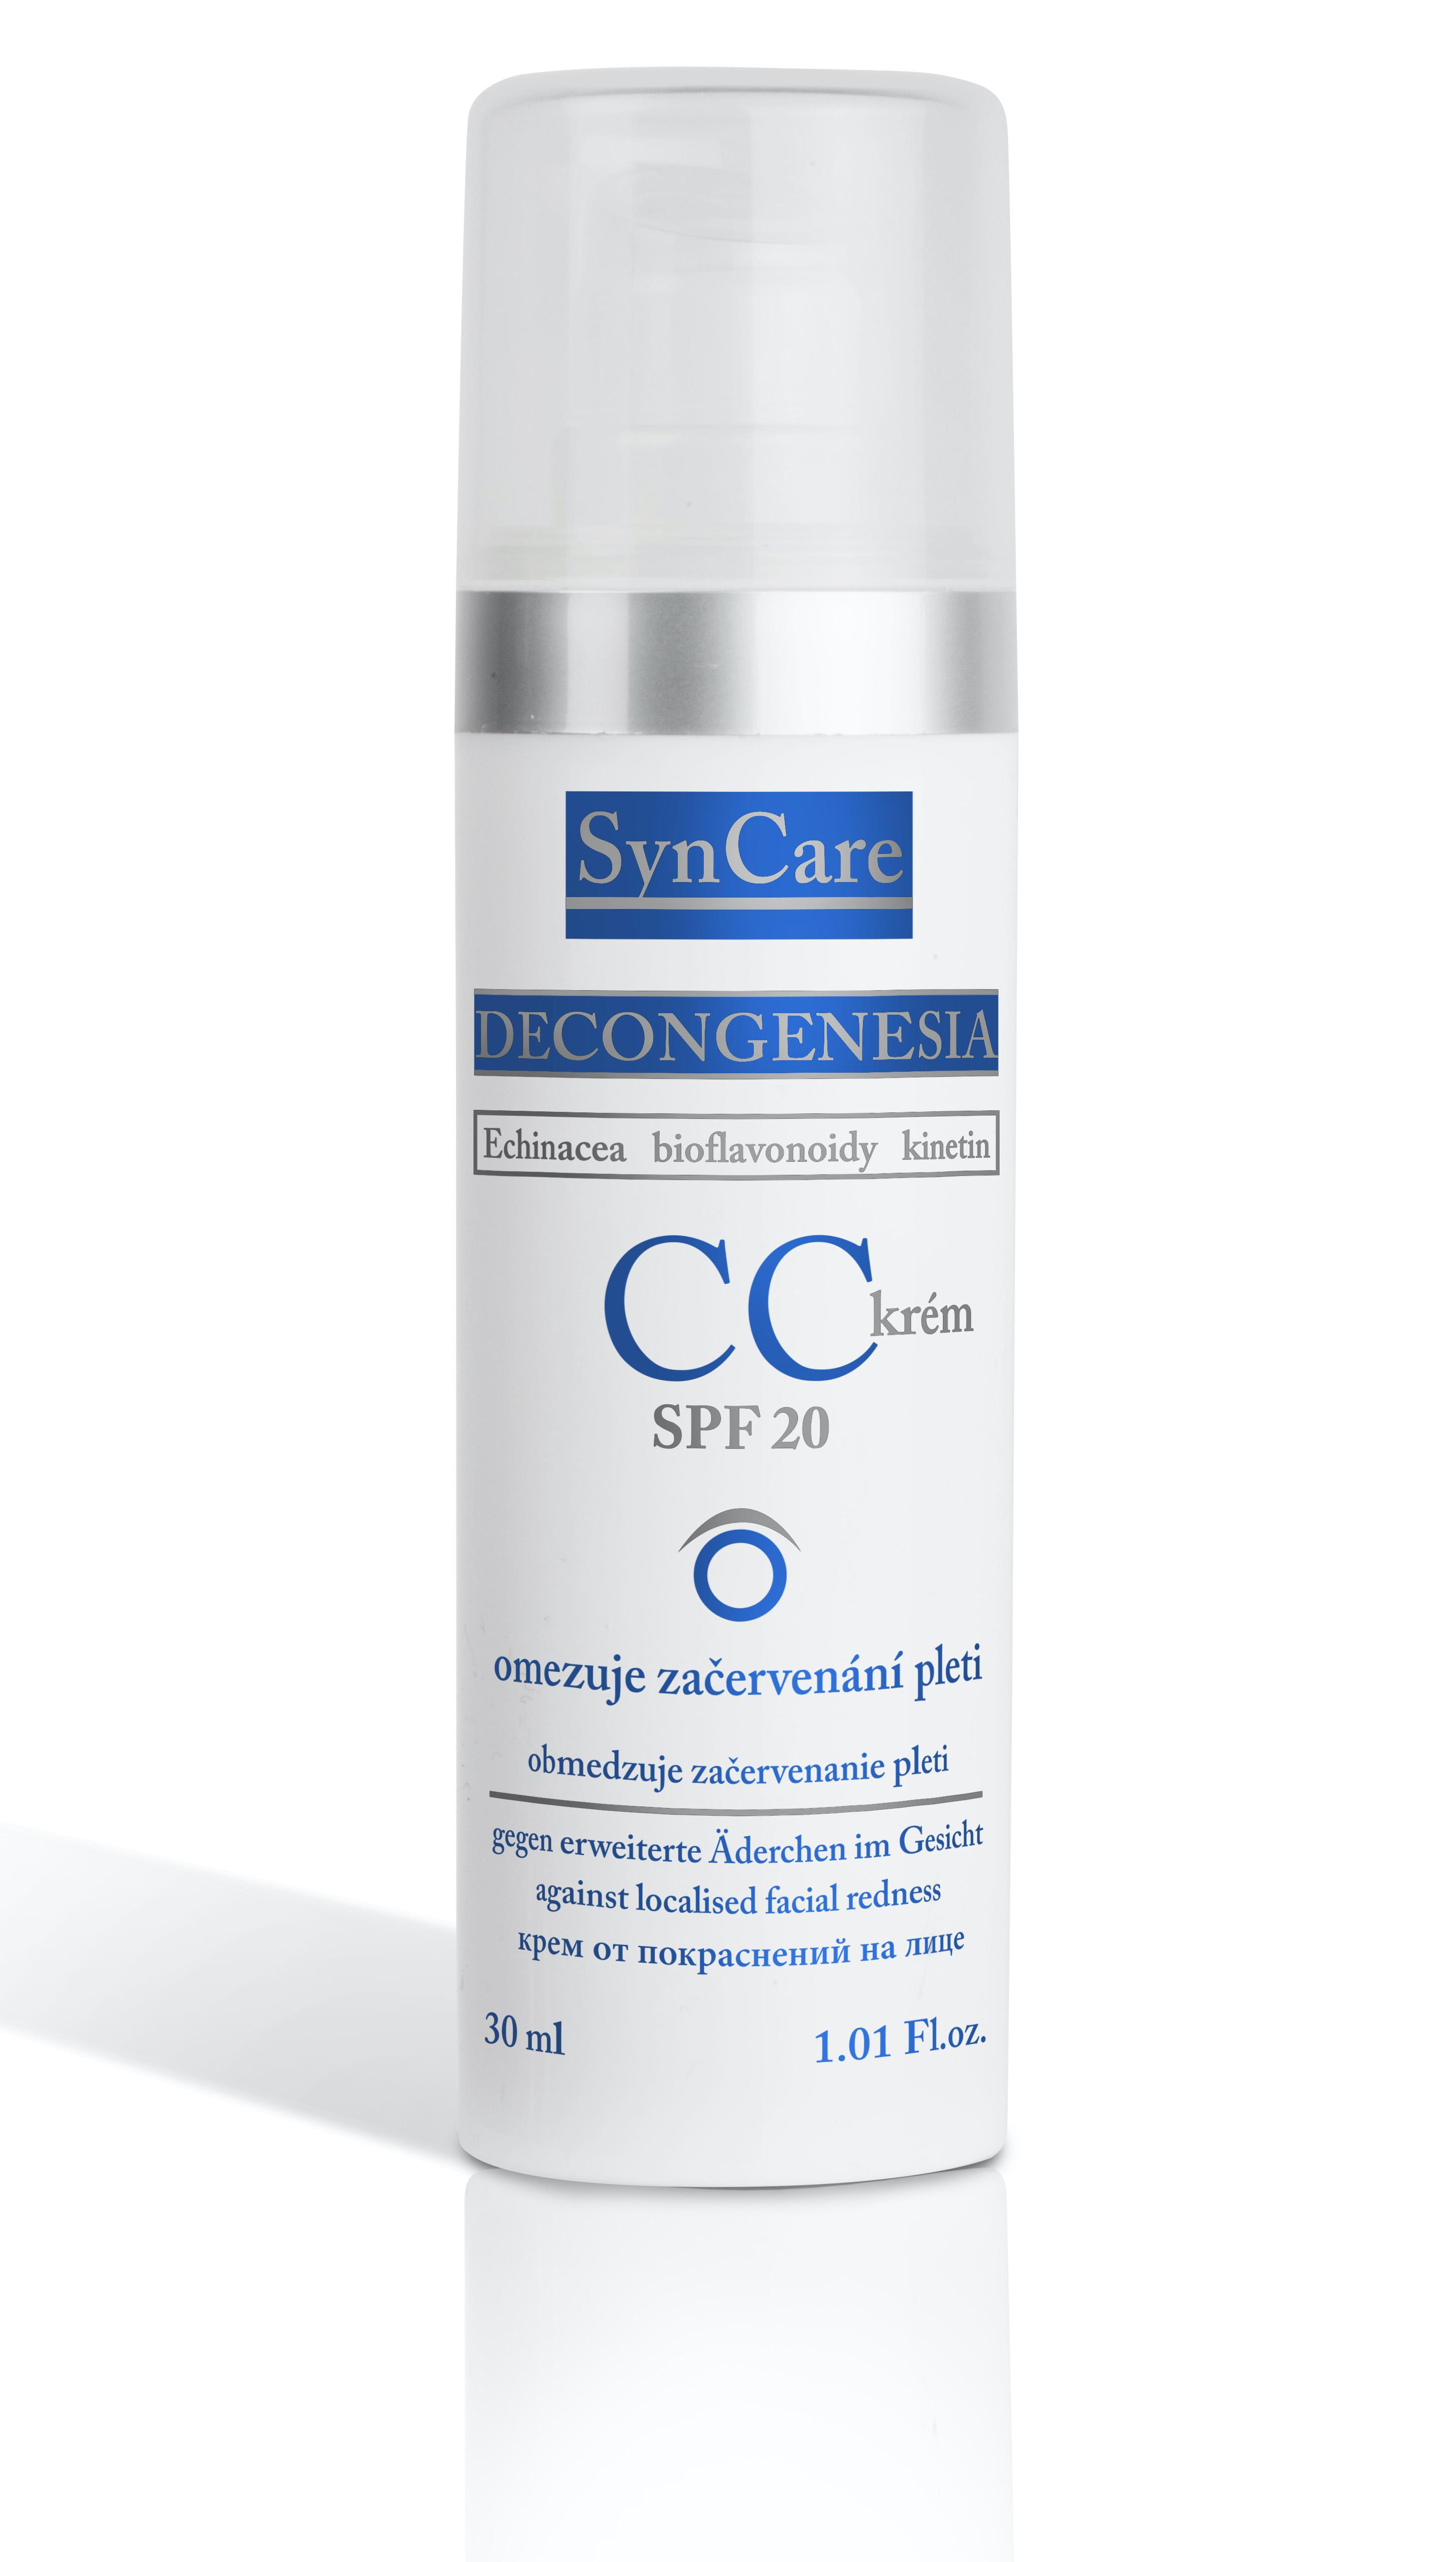 SynCare DECONGENESIA krém rozšířené cévky 75ml + DOPRAVA ZDARMA po celý rok!